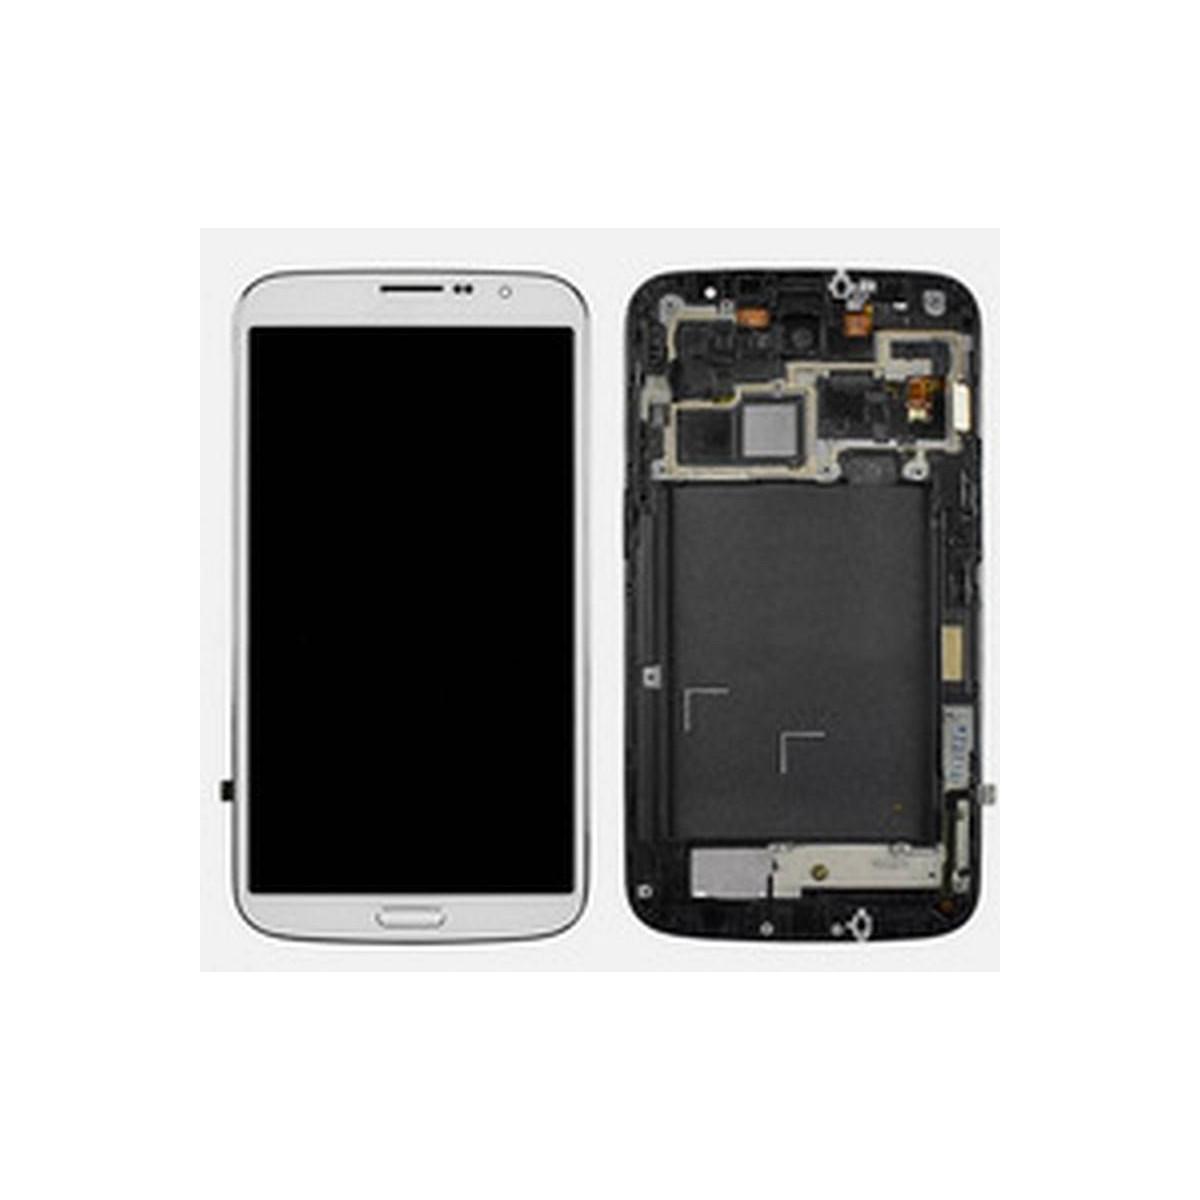 Ecrã completa com marco branca samung galaxy mega 6.3 I9200 I9205